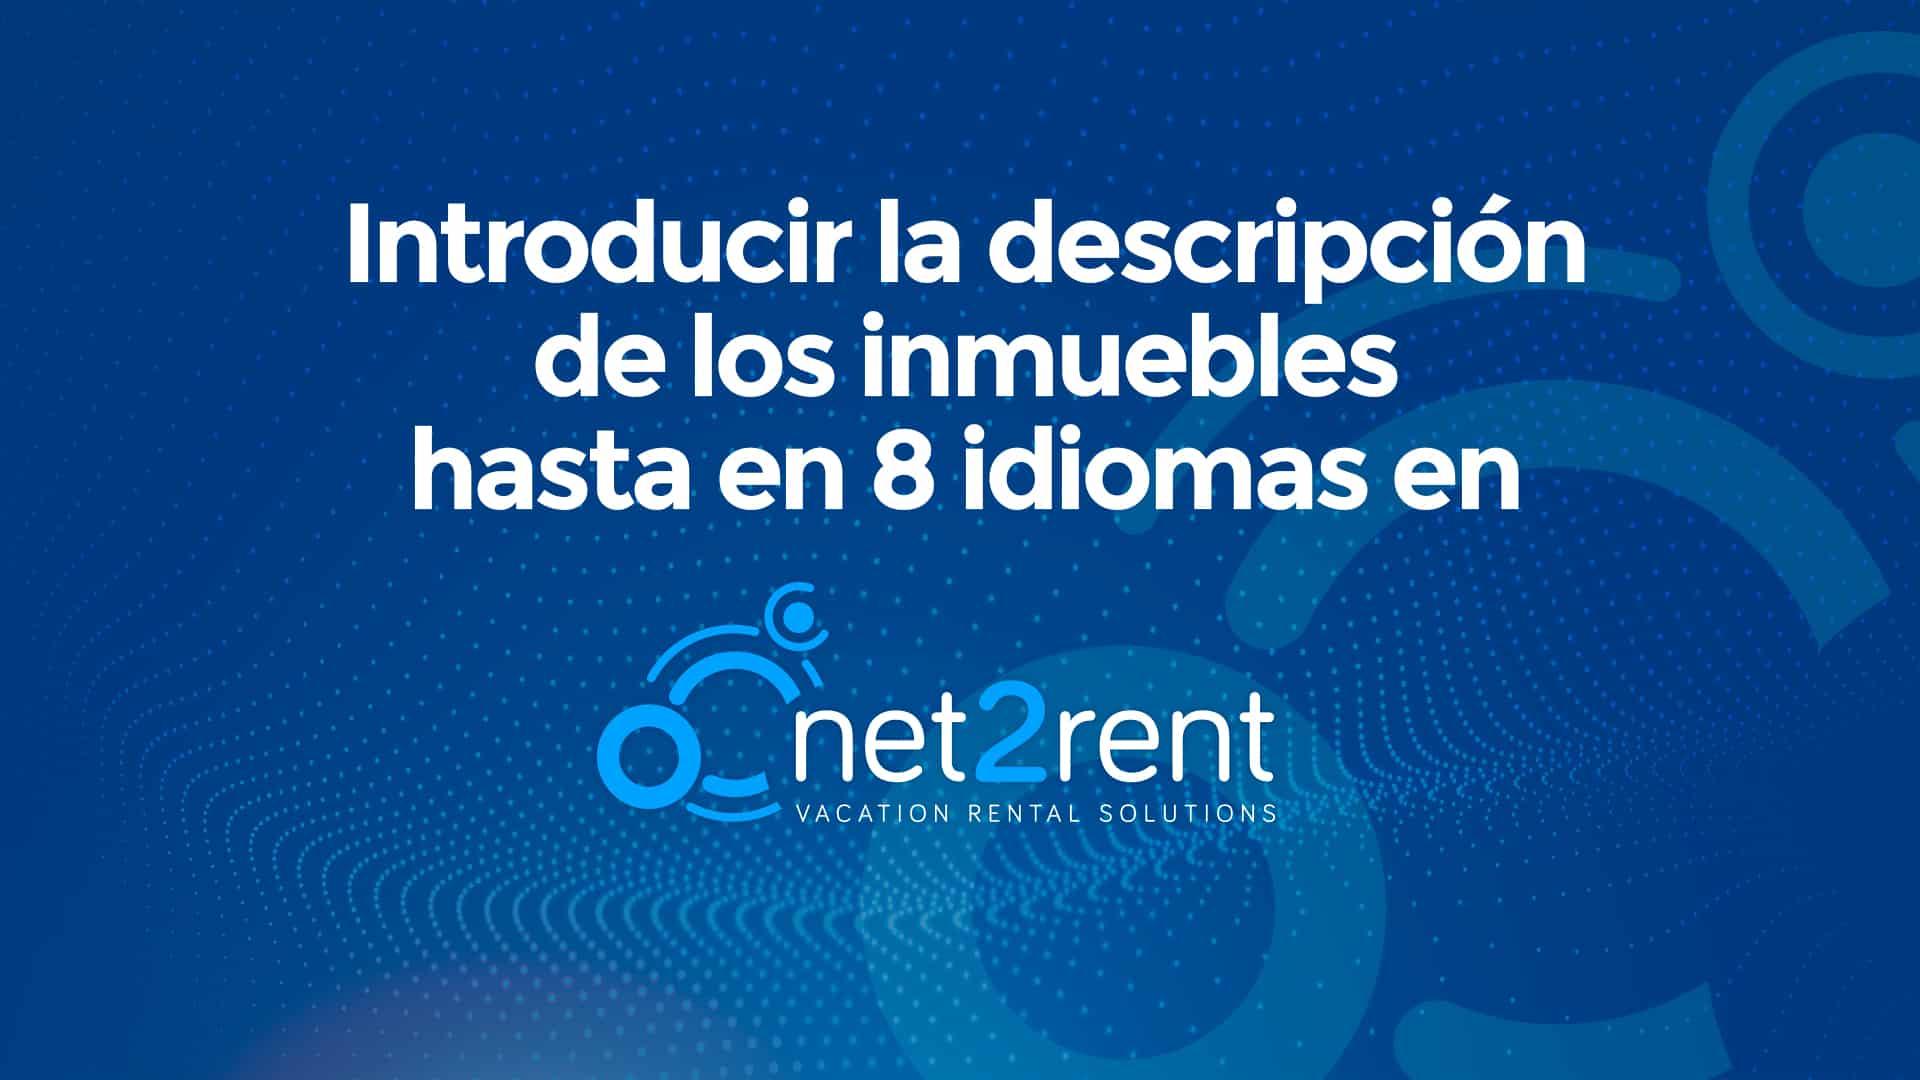 Nueva Guía Rápida de net2rent: 04 – Hasta 8 idiomas disponibles en la descrición de los inmuebles